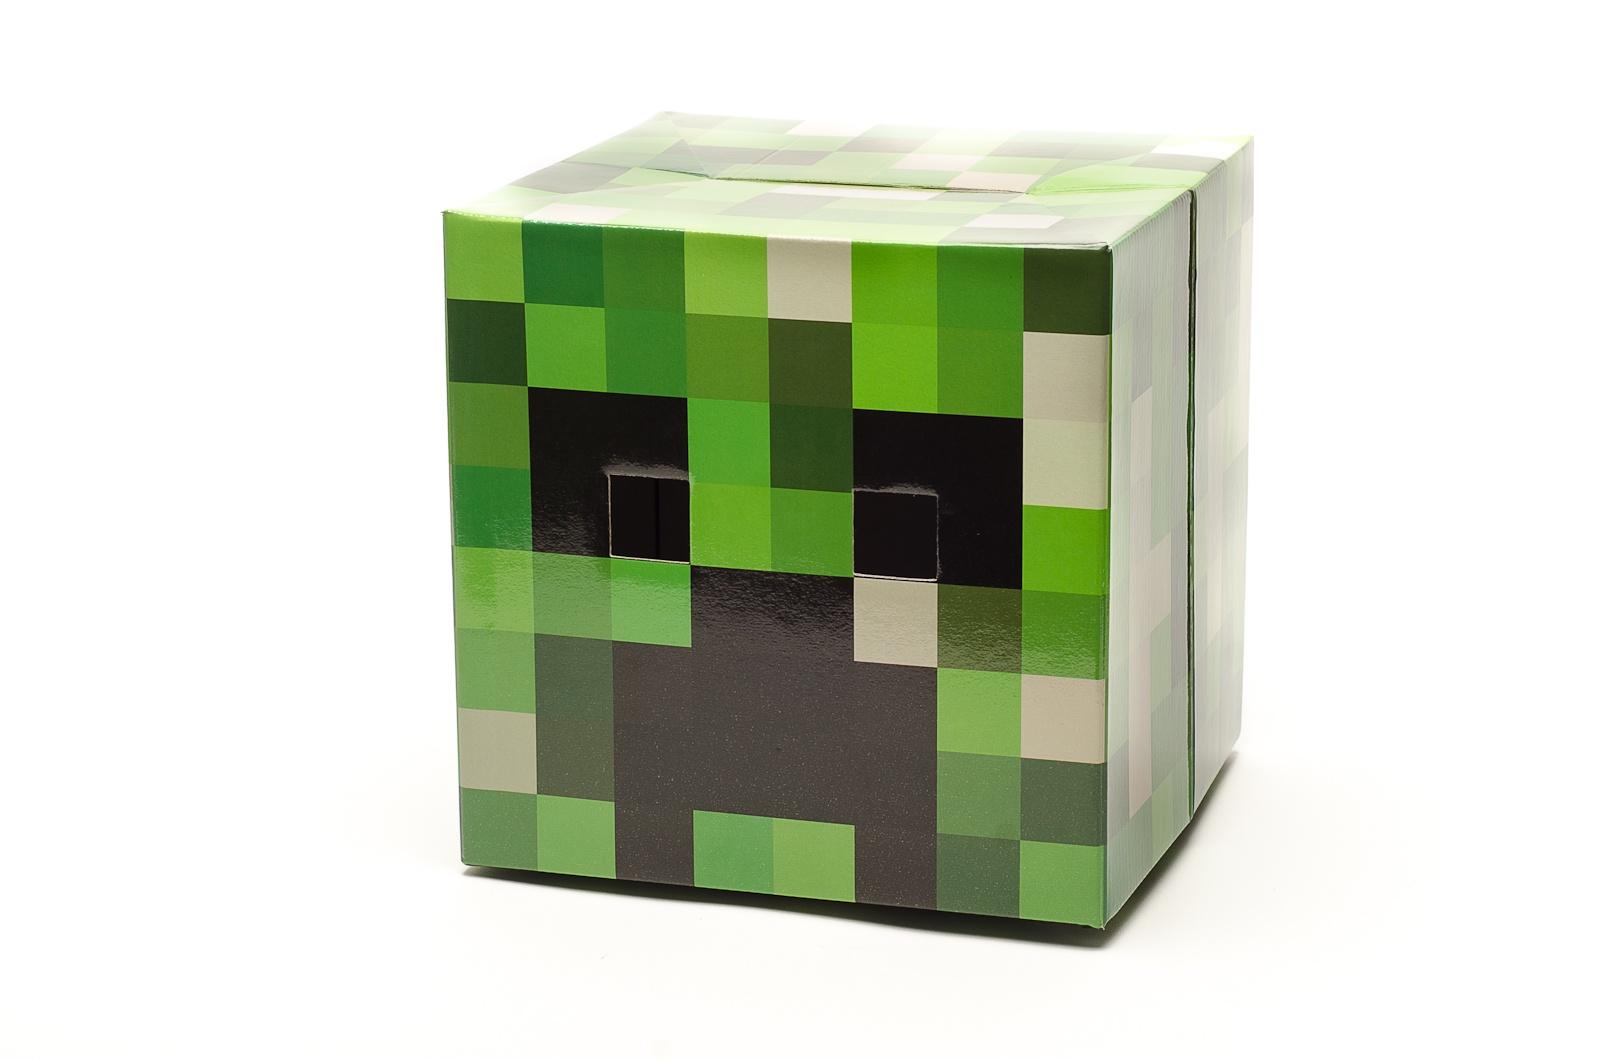 Доспехи игрушечные Maskbro Маска Крипера, 100-002 зеленый